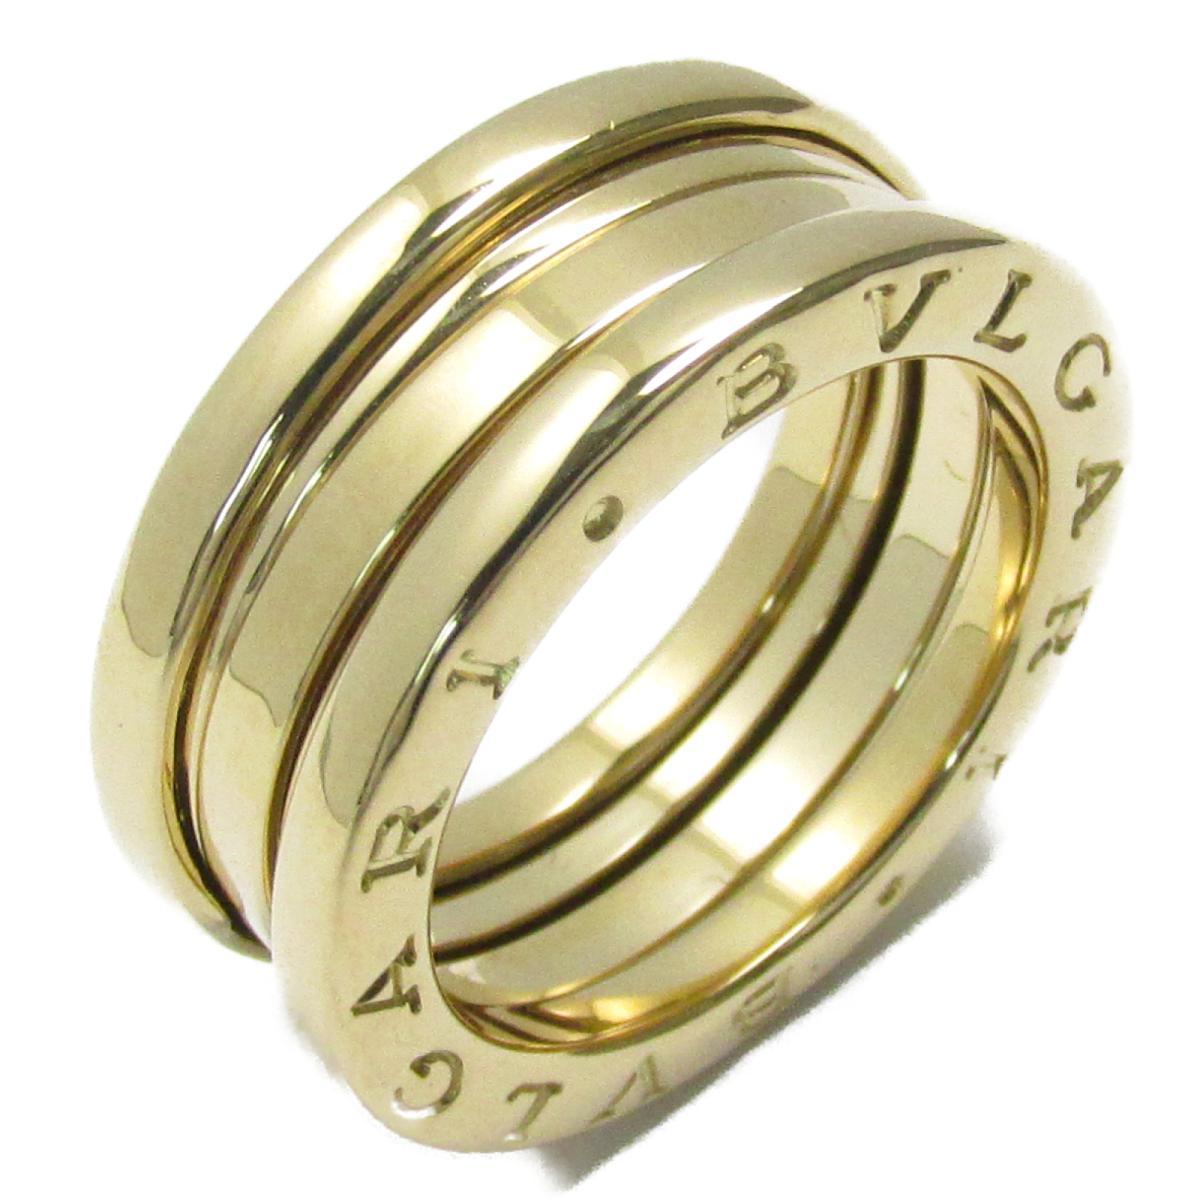 【中古】 ブルガリ B-zero1 リング Sサイズ ビーゼロワン 指輪 レディース K18YG (750) イエローゴールド ゴールド | BVLGARI BRANDOFF ブランドオフ ブランド ジュエリー アクセサリー